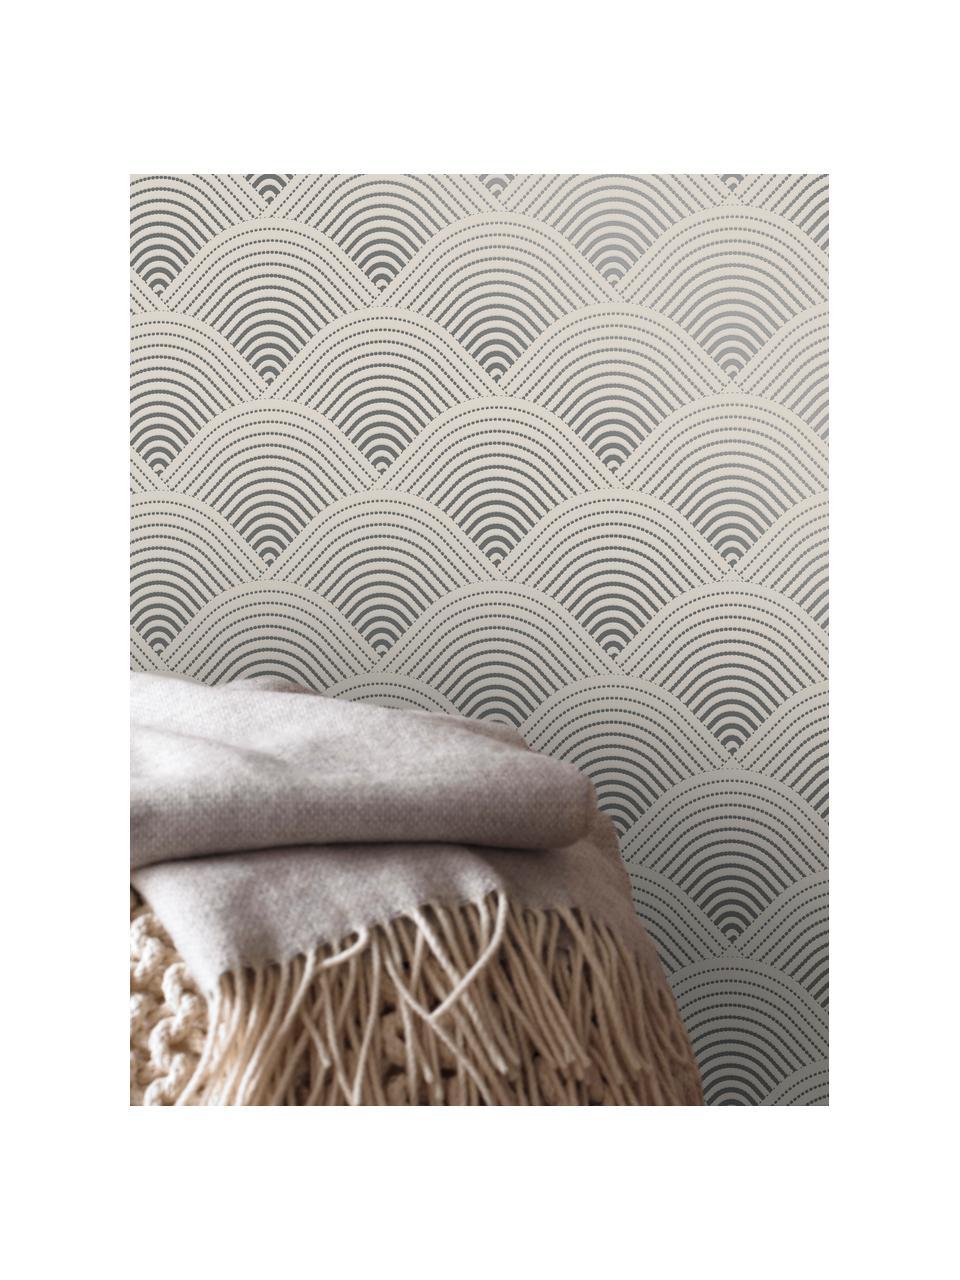 Carta da parati Luxus 3D Geometric Art, Tessuto non tessuto, Argentato, grigio, Larg. 52 x Alt. 1005 cm